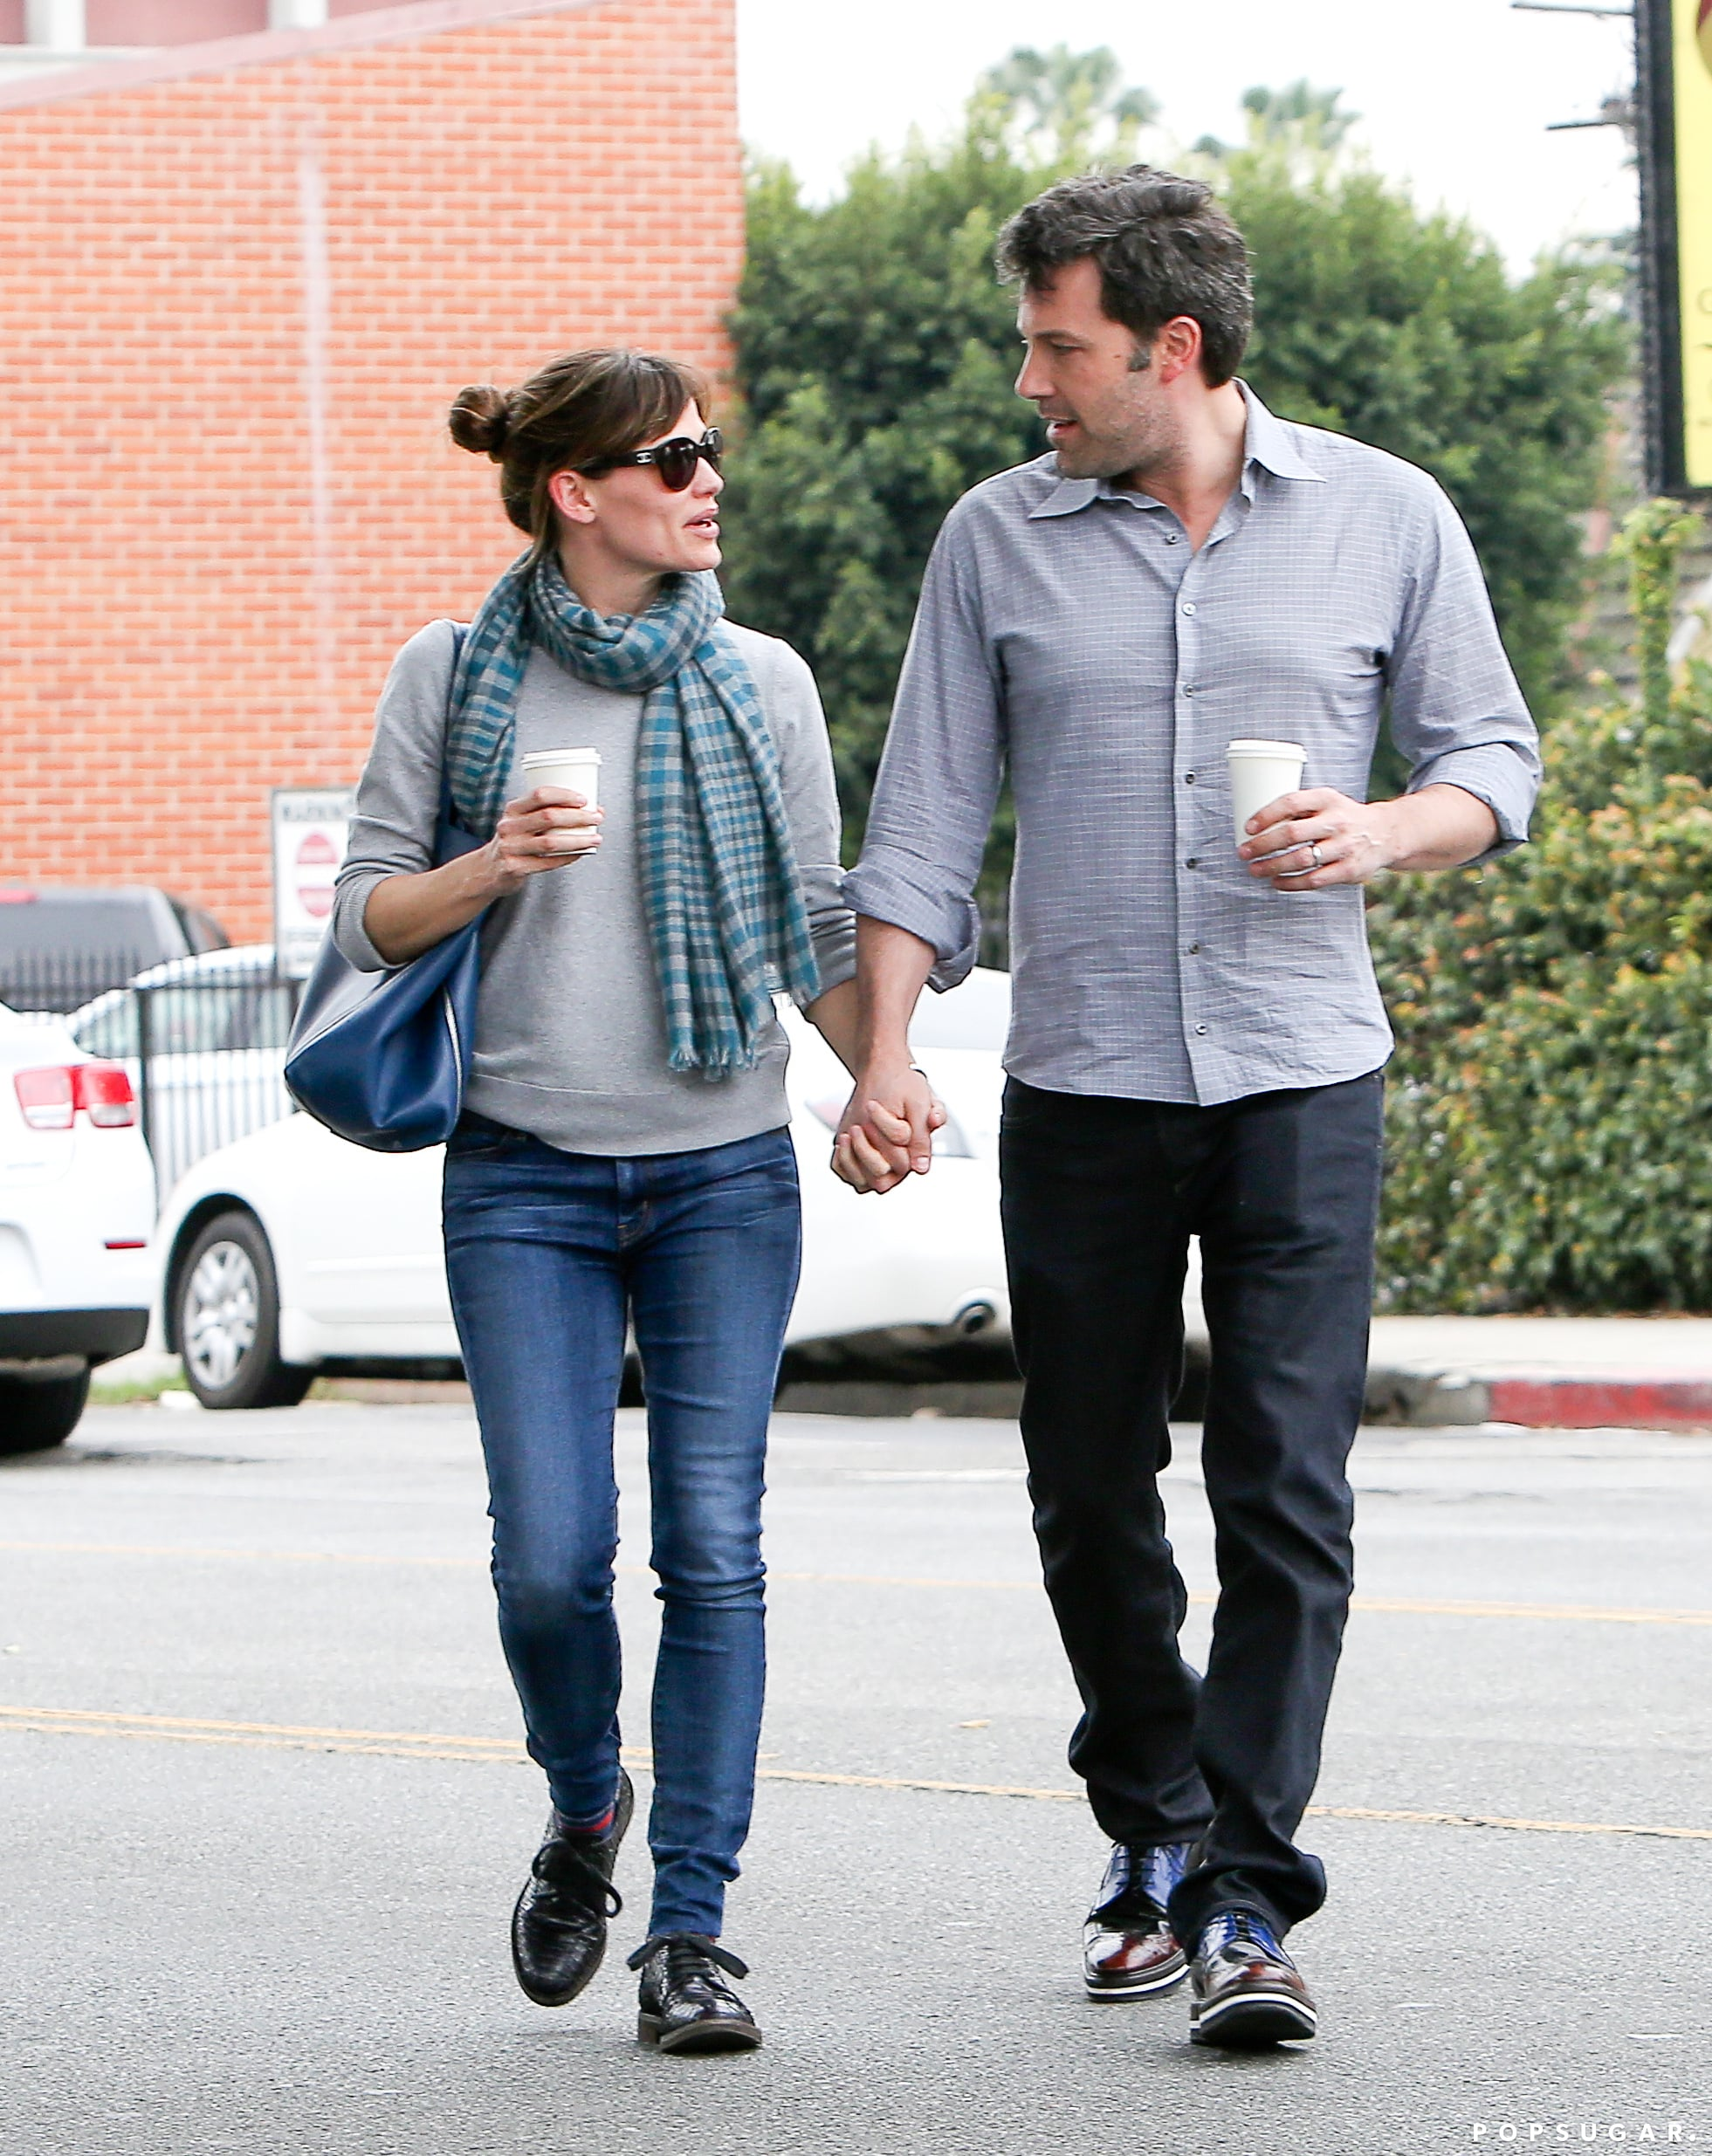 Jennifer Garner and Ben Affleck took a sweet stroll in LA, walking hand in hand.